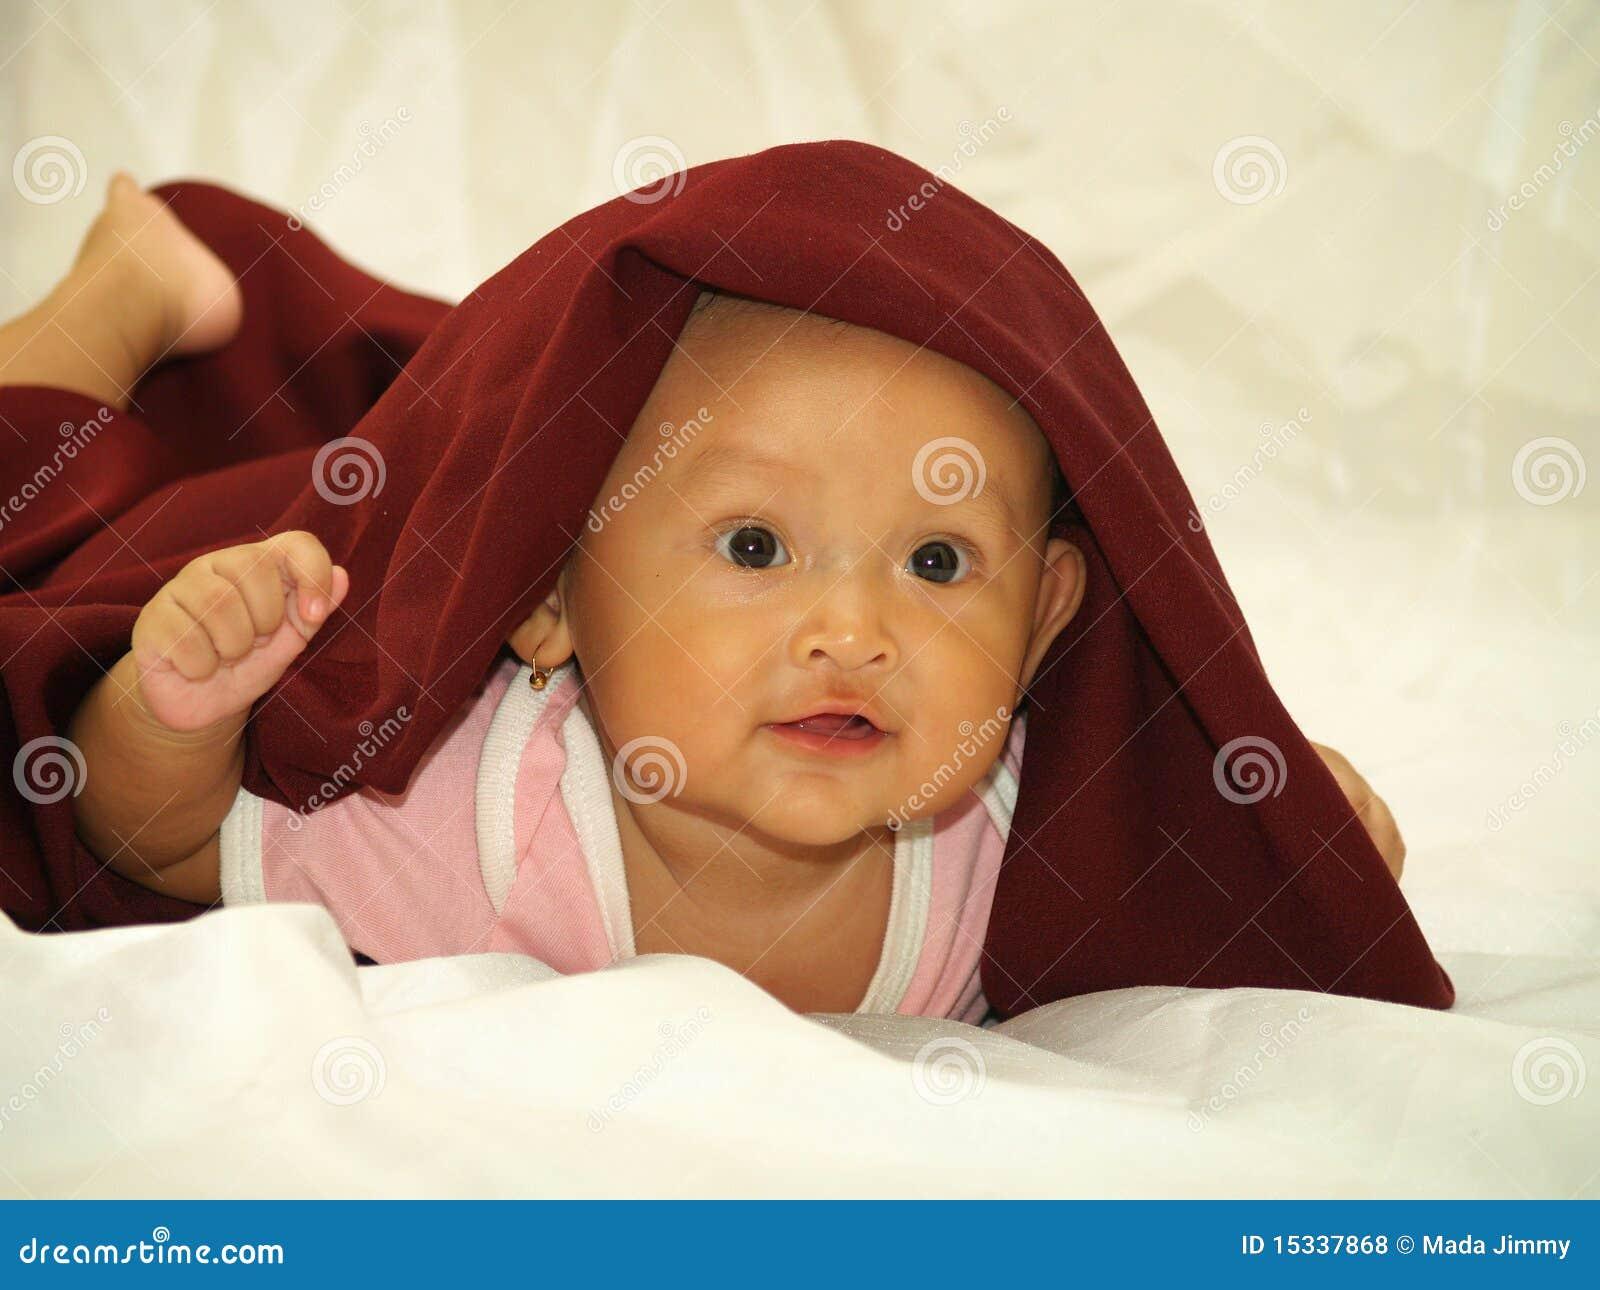 Czerwona dziecko przesłona